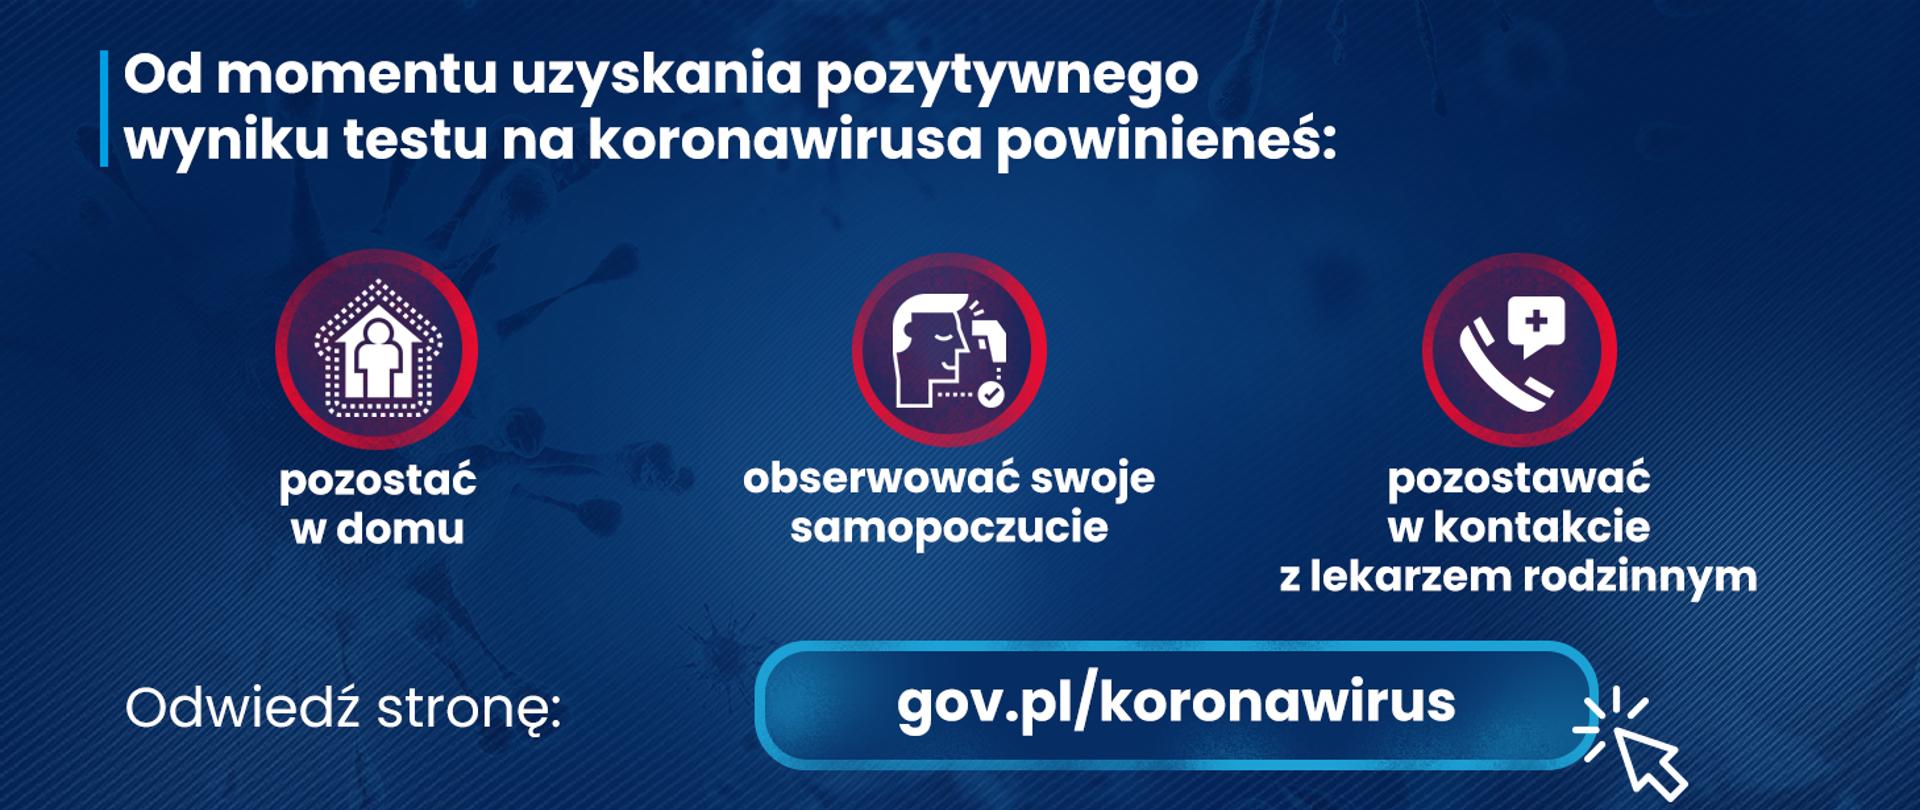 Granatowa grafika z ikonami i tekstem informującym o prawidłowym zachowaniu po uzyskaniu pozytywnego wyniku testu na koronawirusa.Zachęta do odwiedzenia strony gov.pl/koronawirus